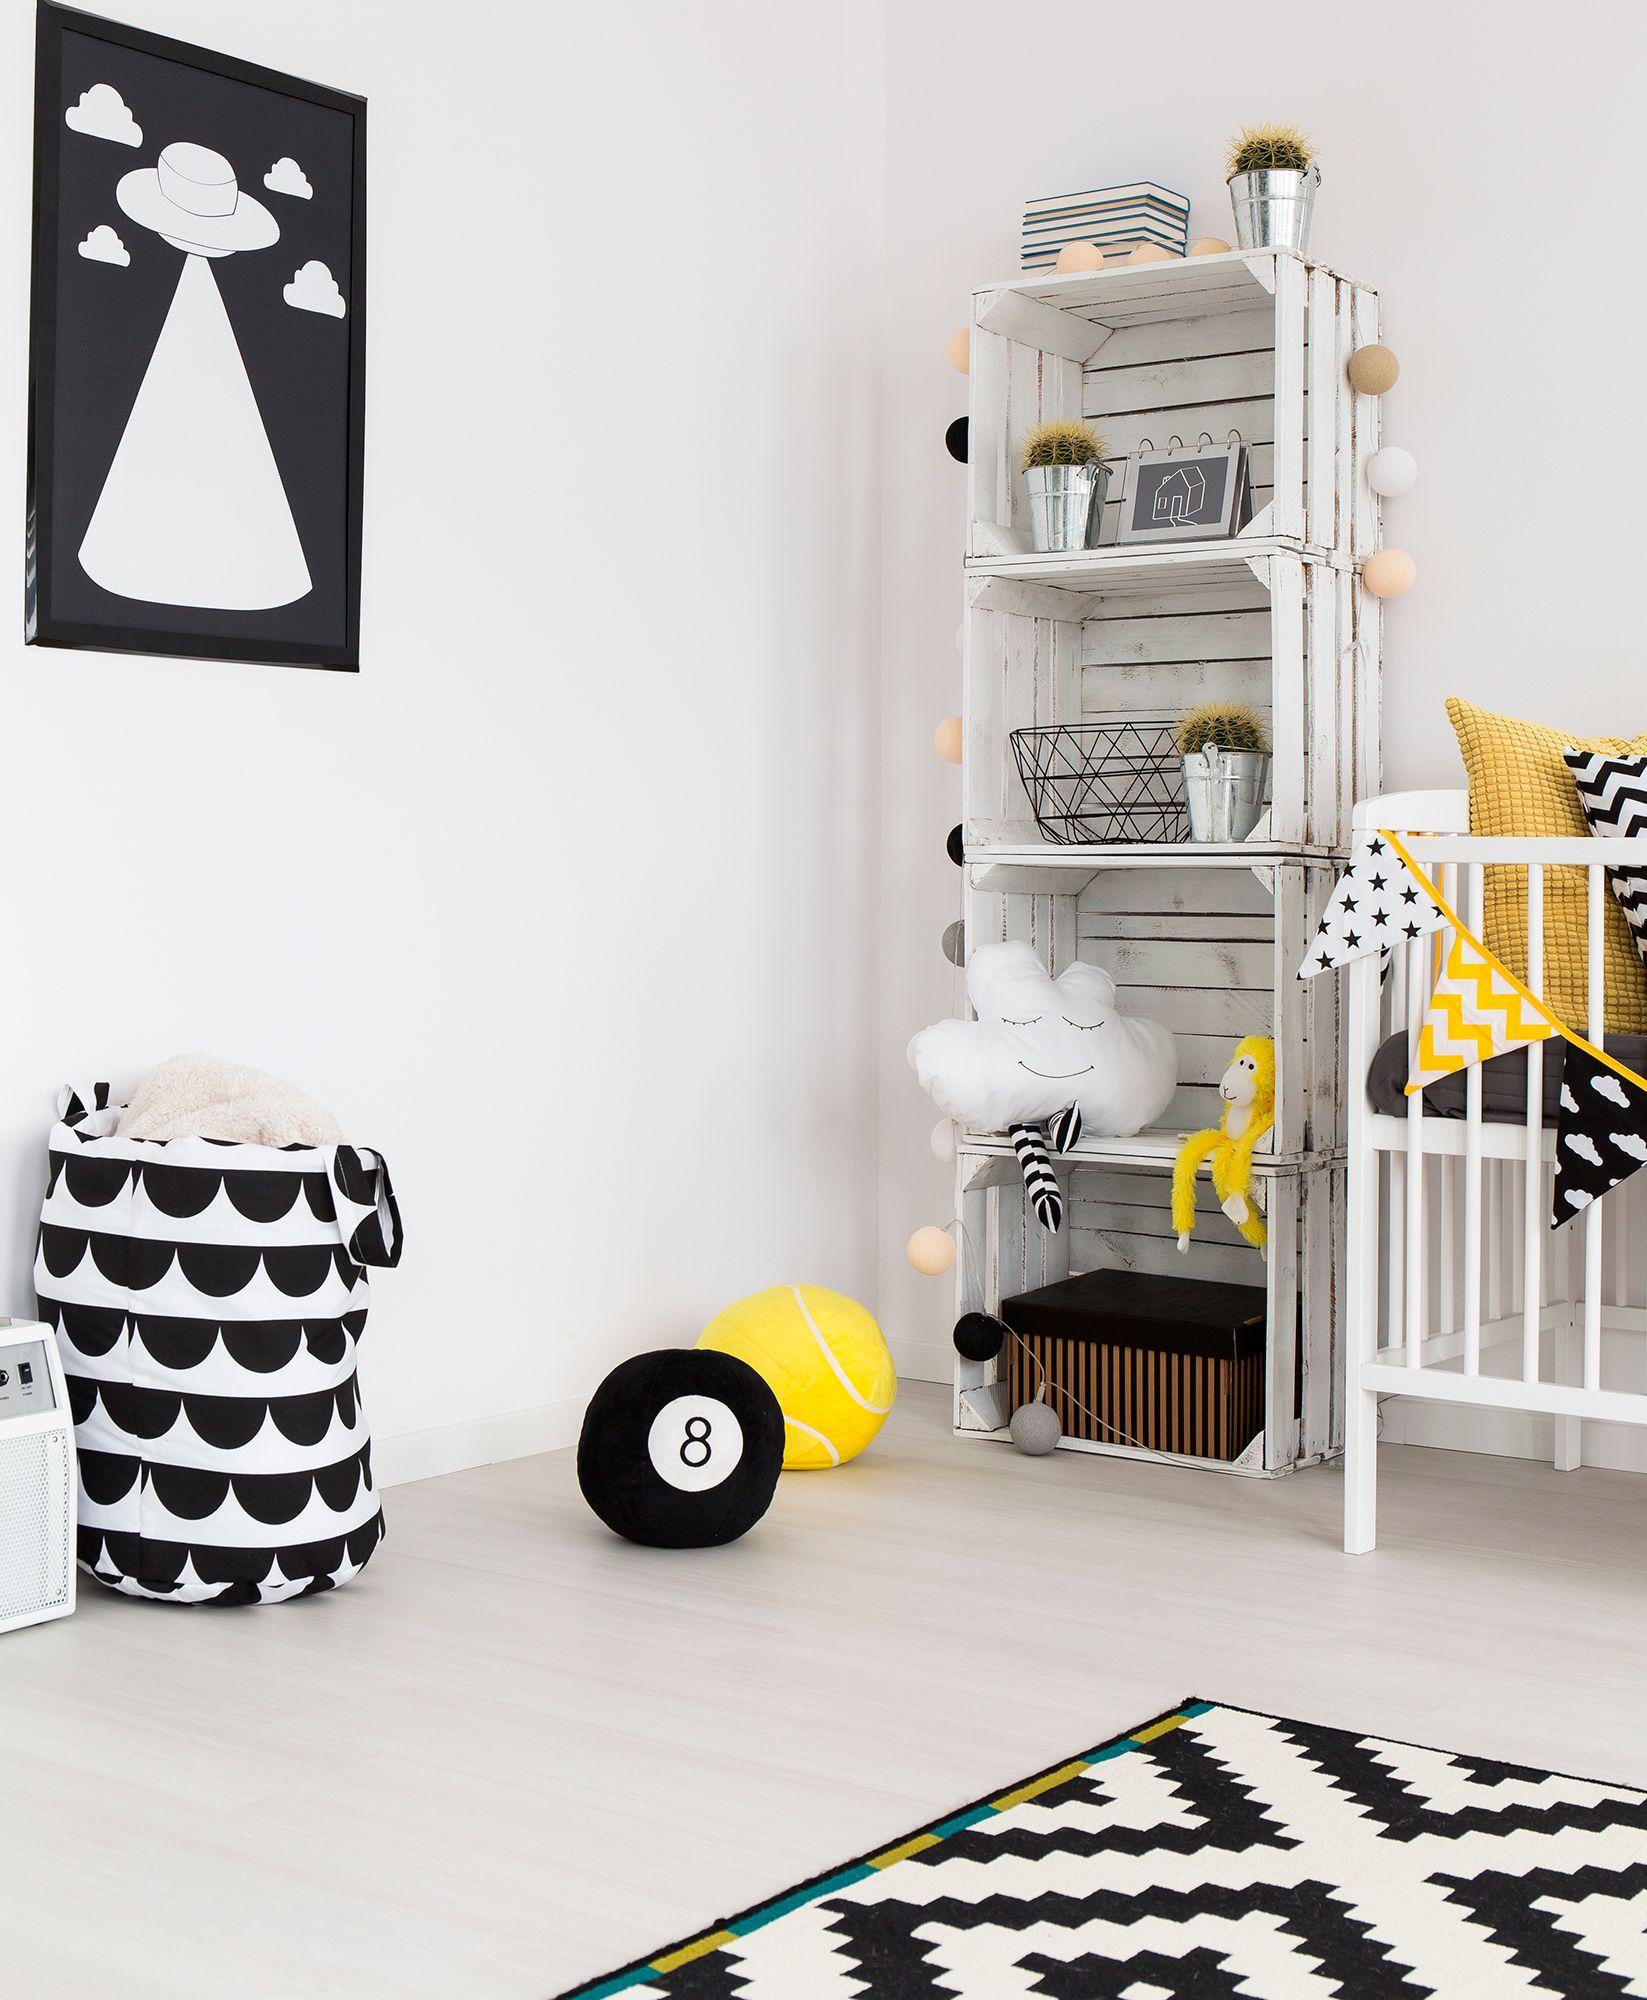 décorer la chambre de style nordique - étagères